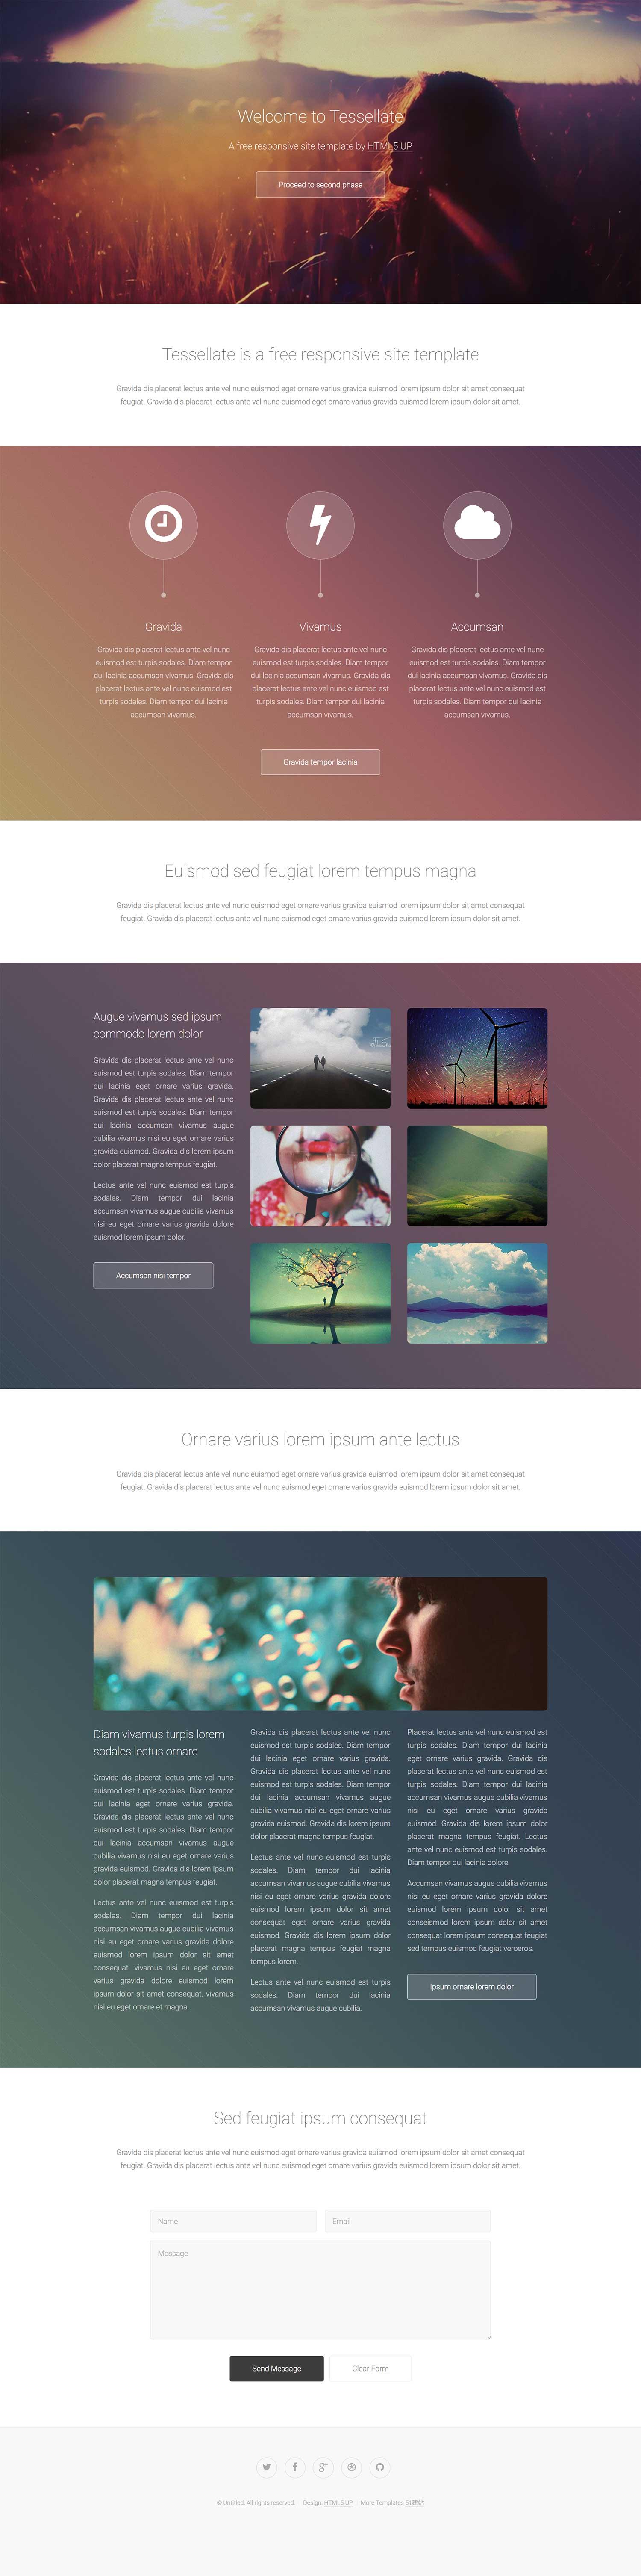 大图背景扁平化个人相册设计潮流设计风格响应式html5模板